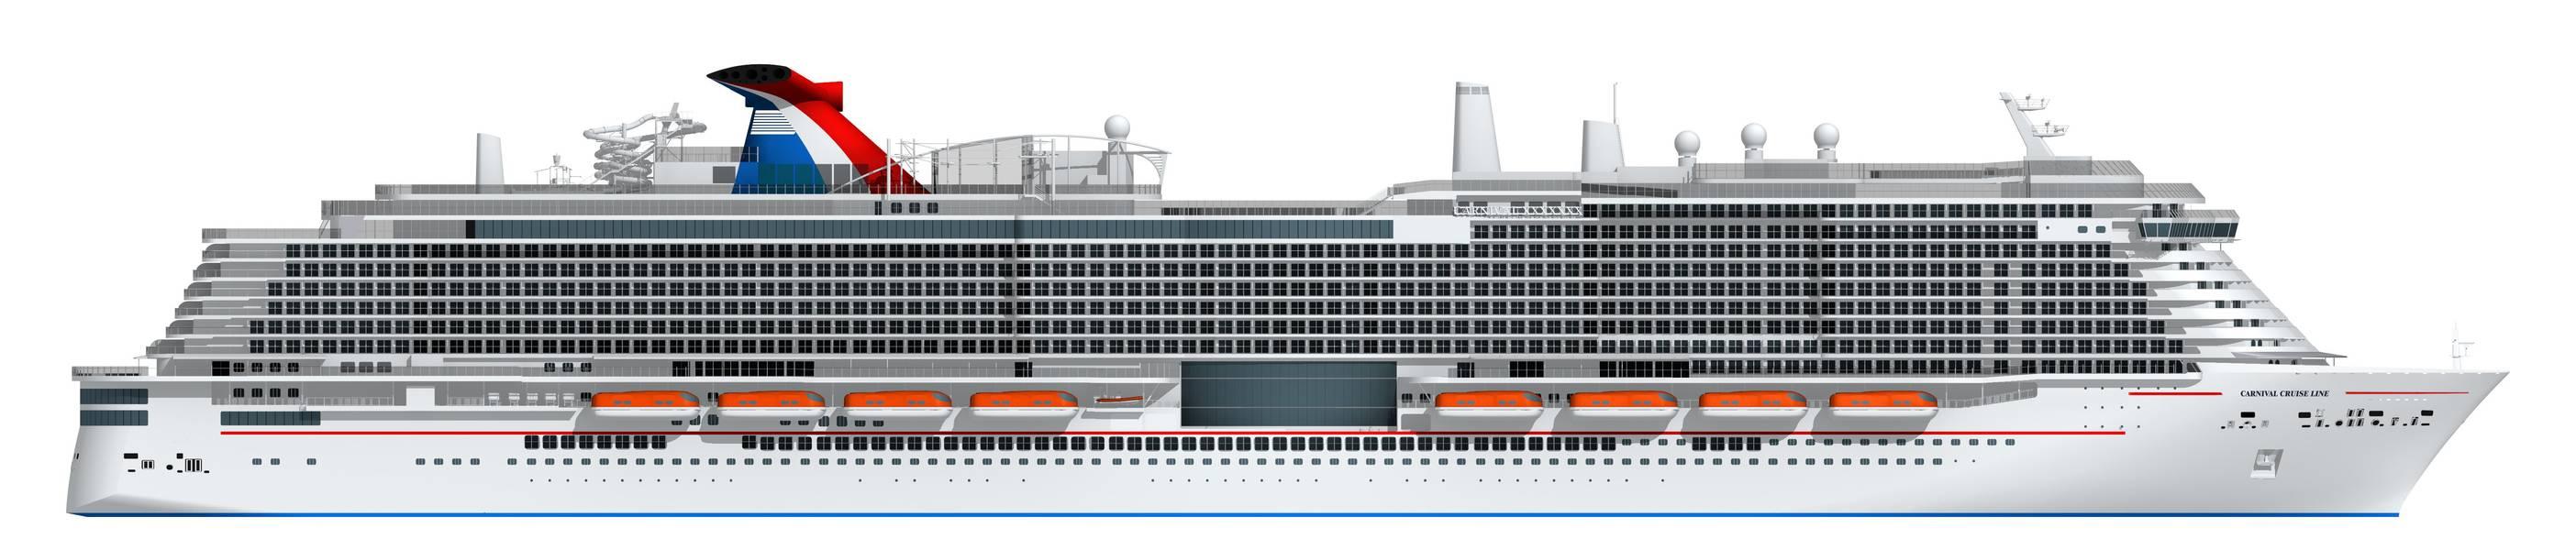 Η καλλιτεχνική απόδοση του νέου πλοίου 180.000 τόνων του Carnival που θα τροφοδοτείται με LNG (Image: Carnival Cruise Line)